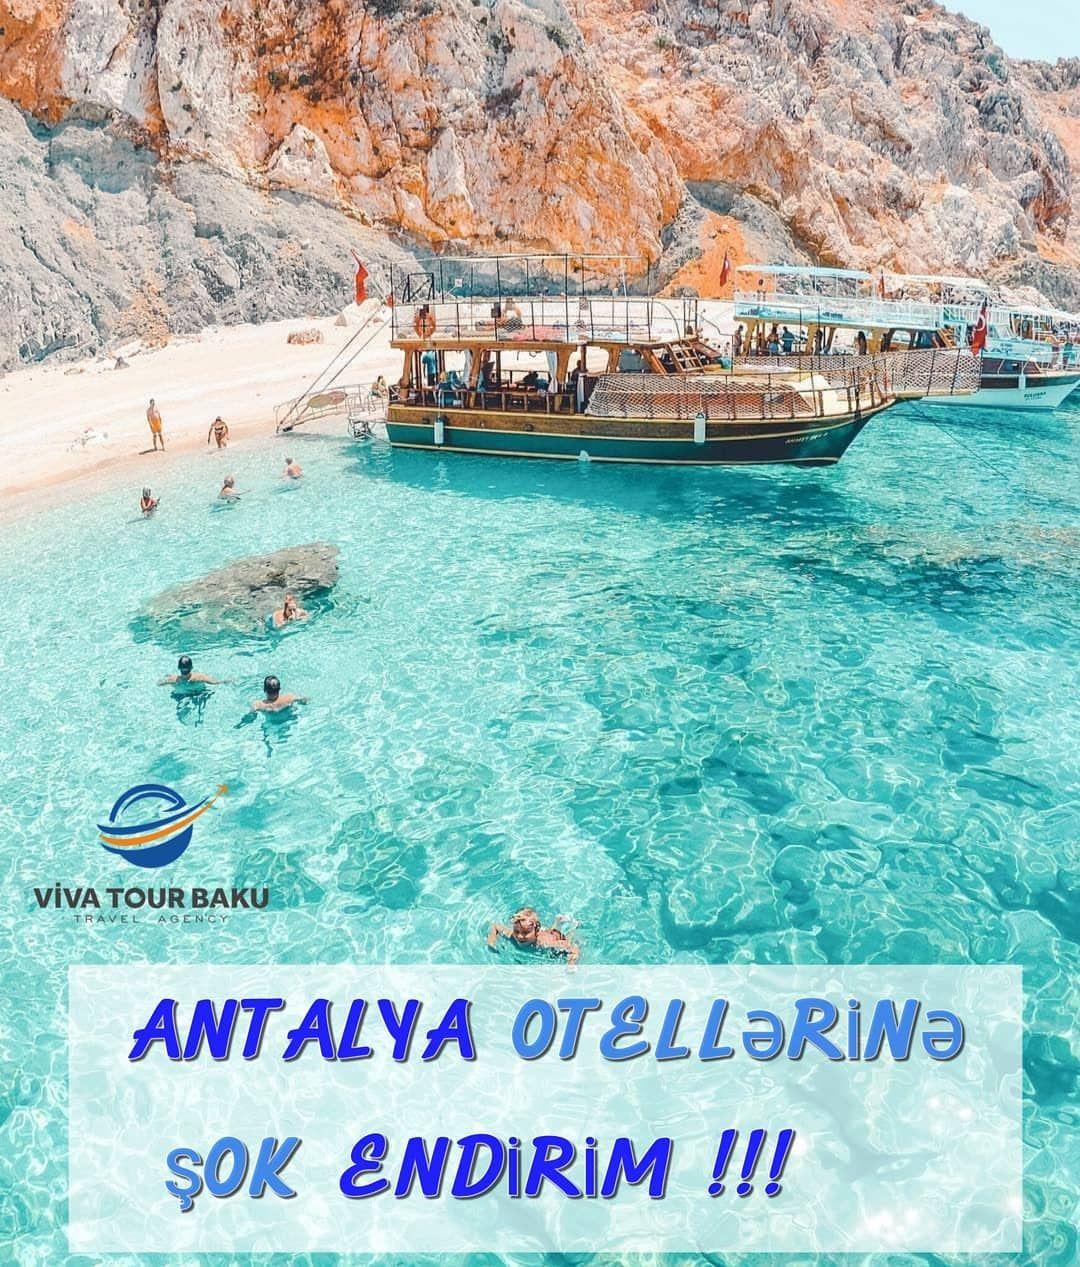 Antalya Otellərinə Yenidən Sok Endirim Erkən Rezervasiya Ilə Turkiyə Istiqamətlərində Antalya Otellərinə Yenidən S Luxury Resort Luxury Beach Golf Hotel